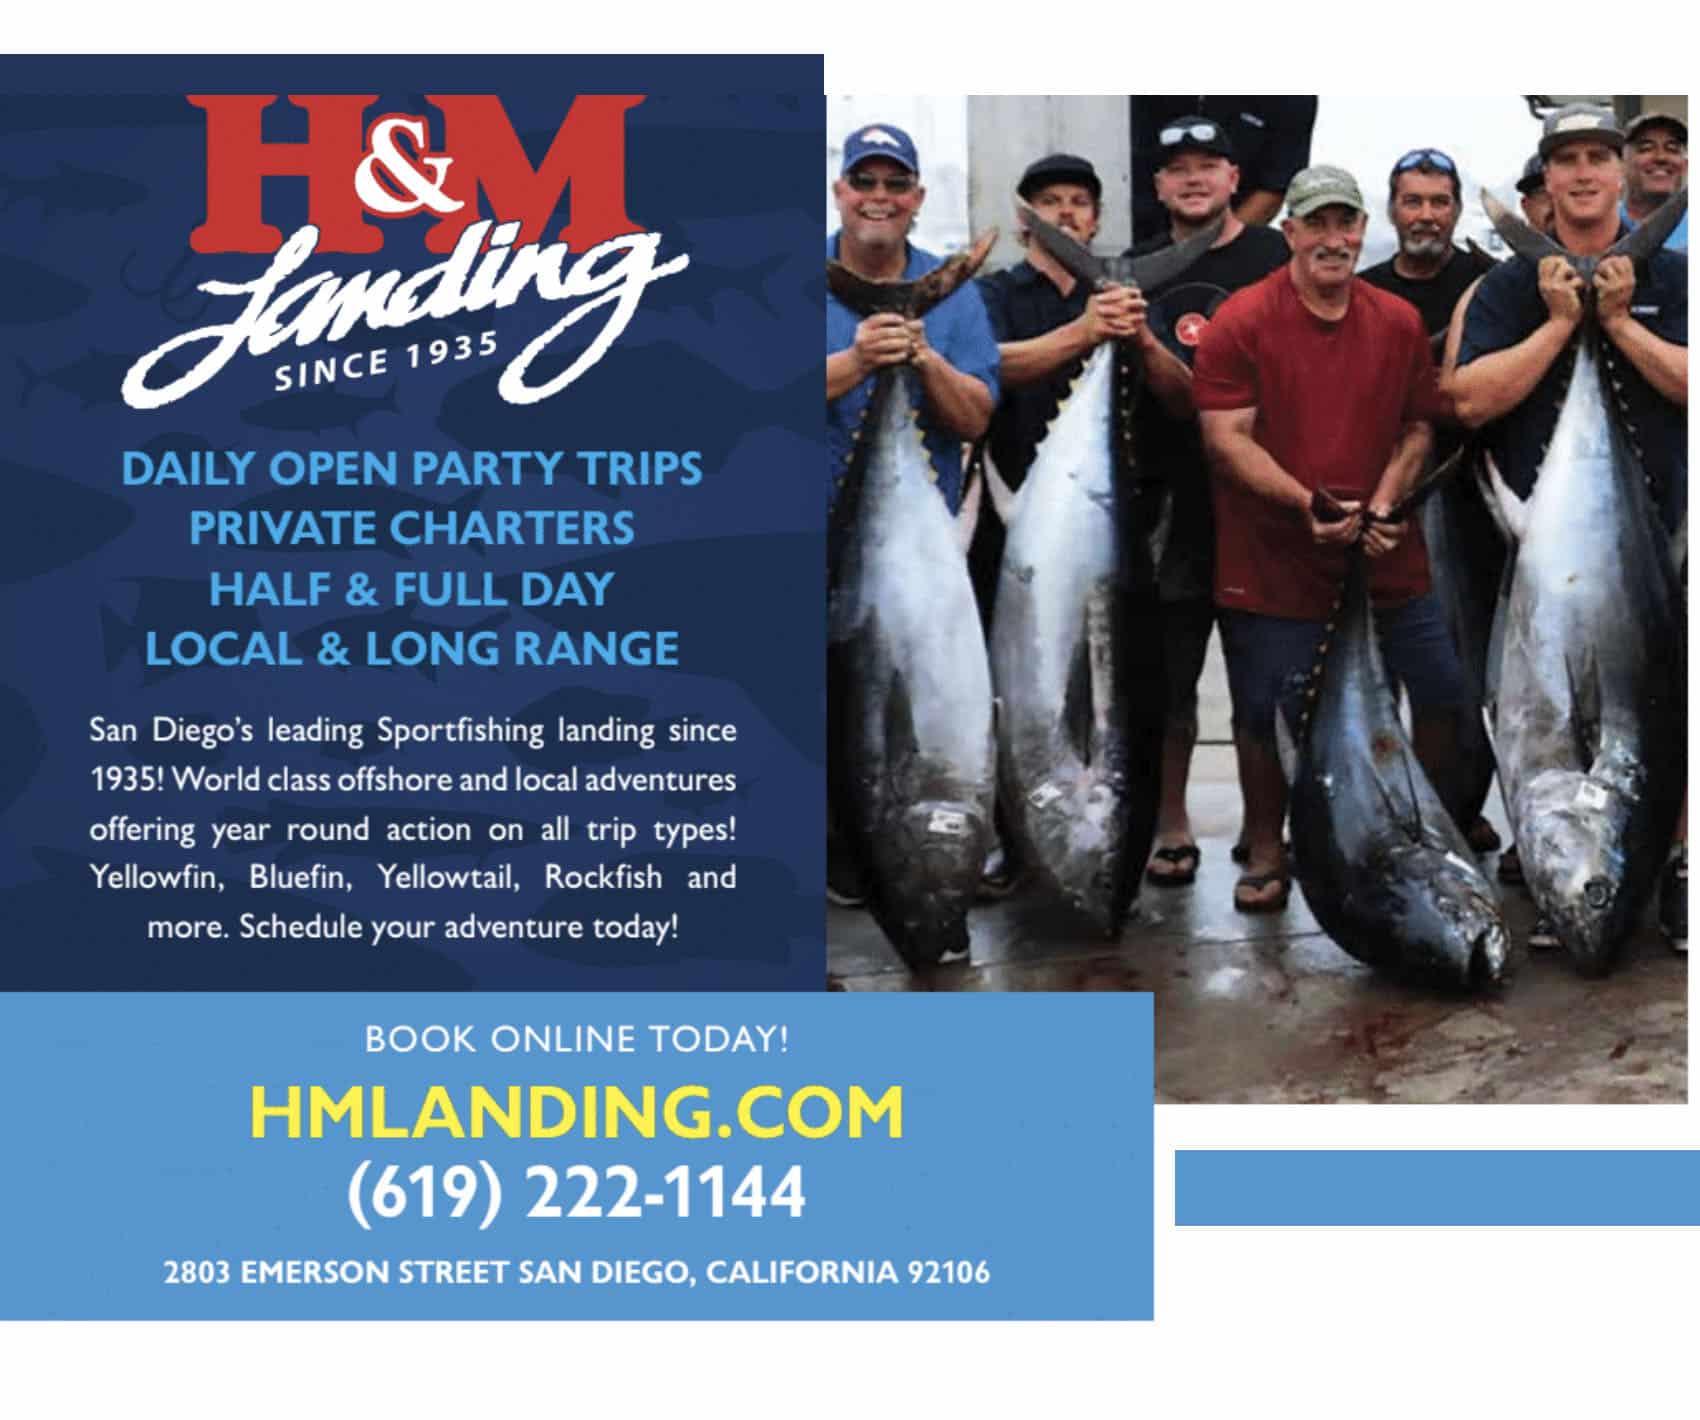 H & M Landing